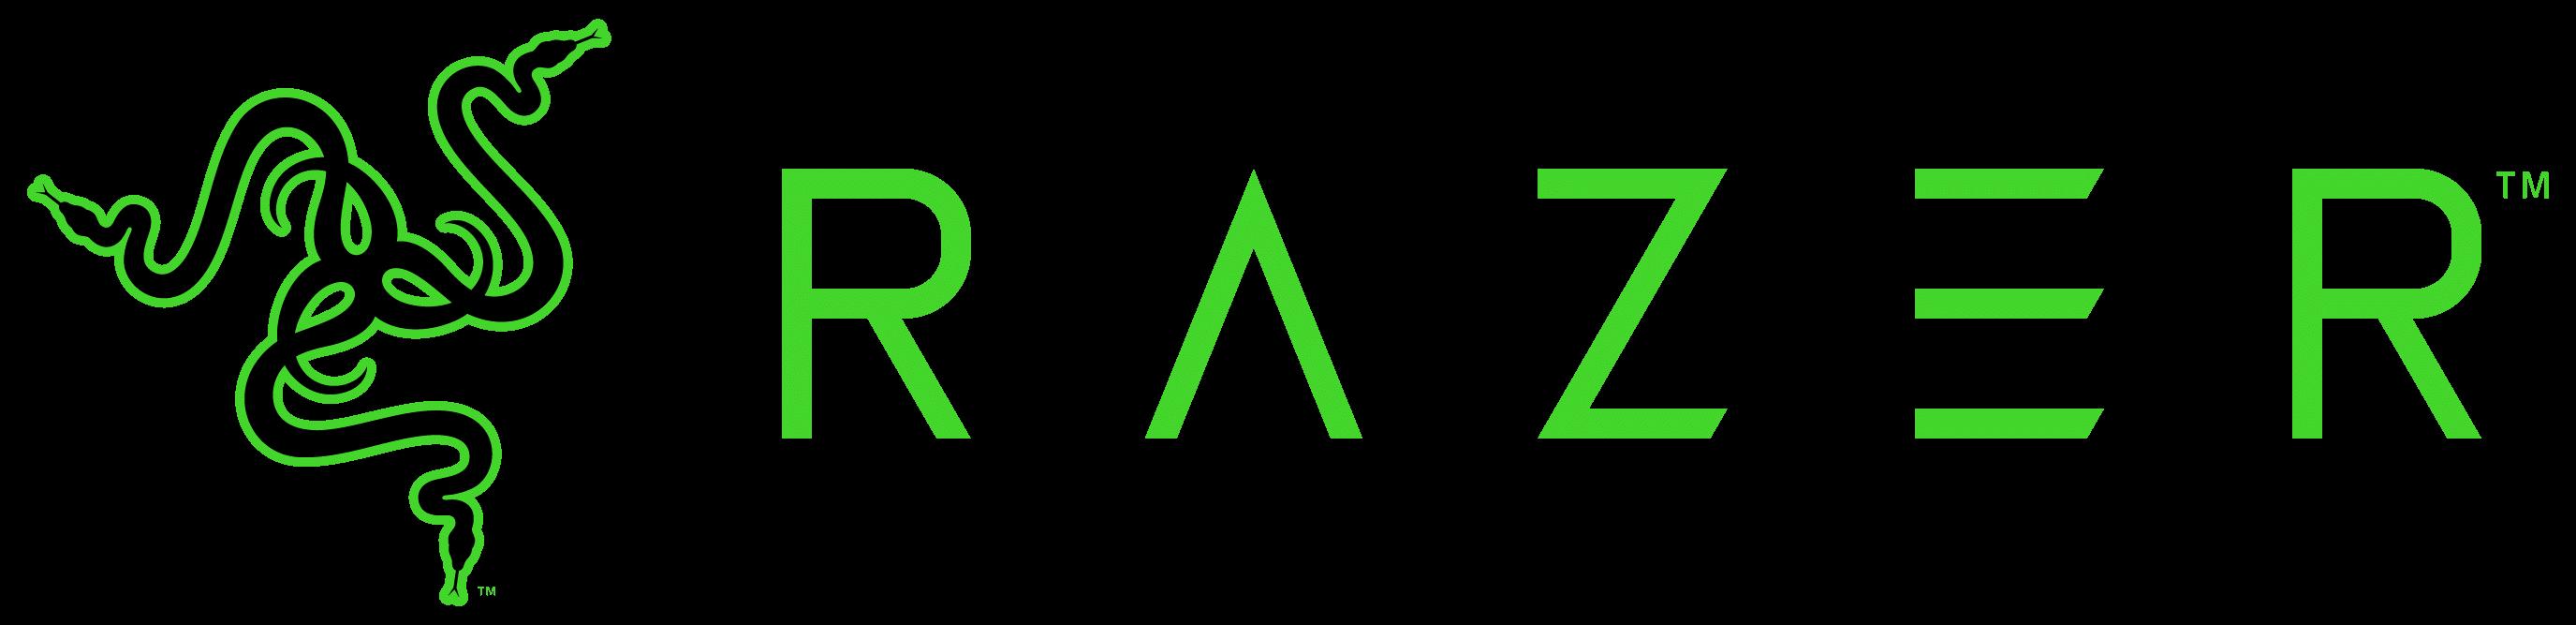 Razer ロゴ。